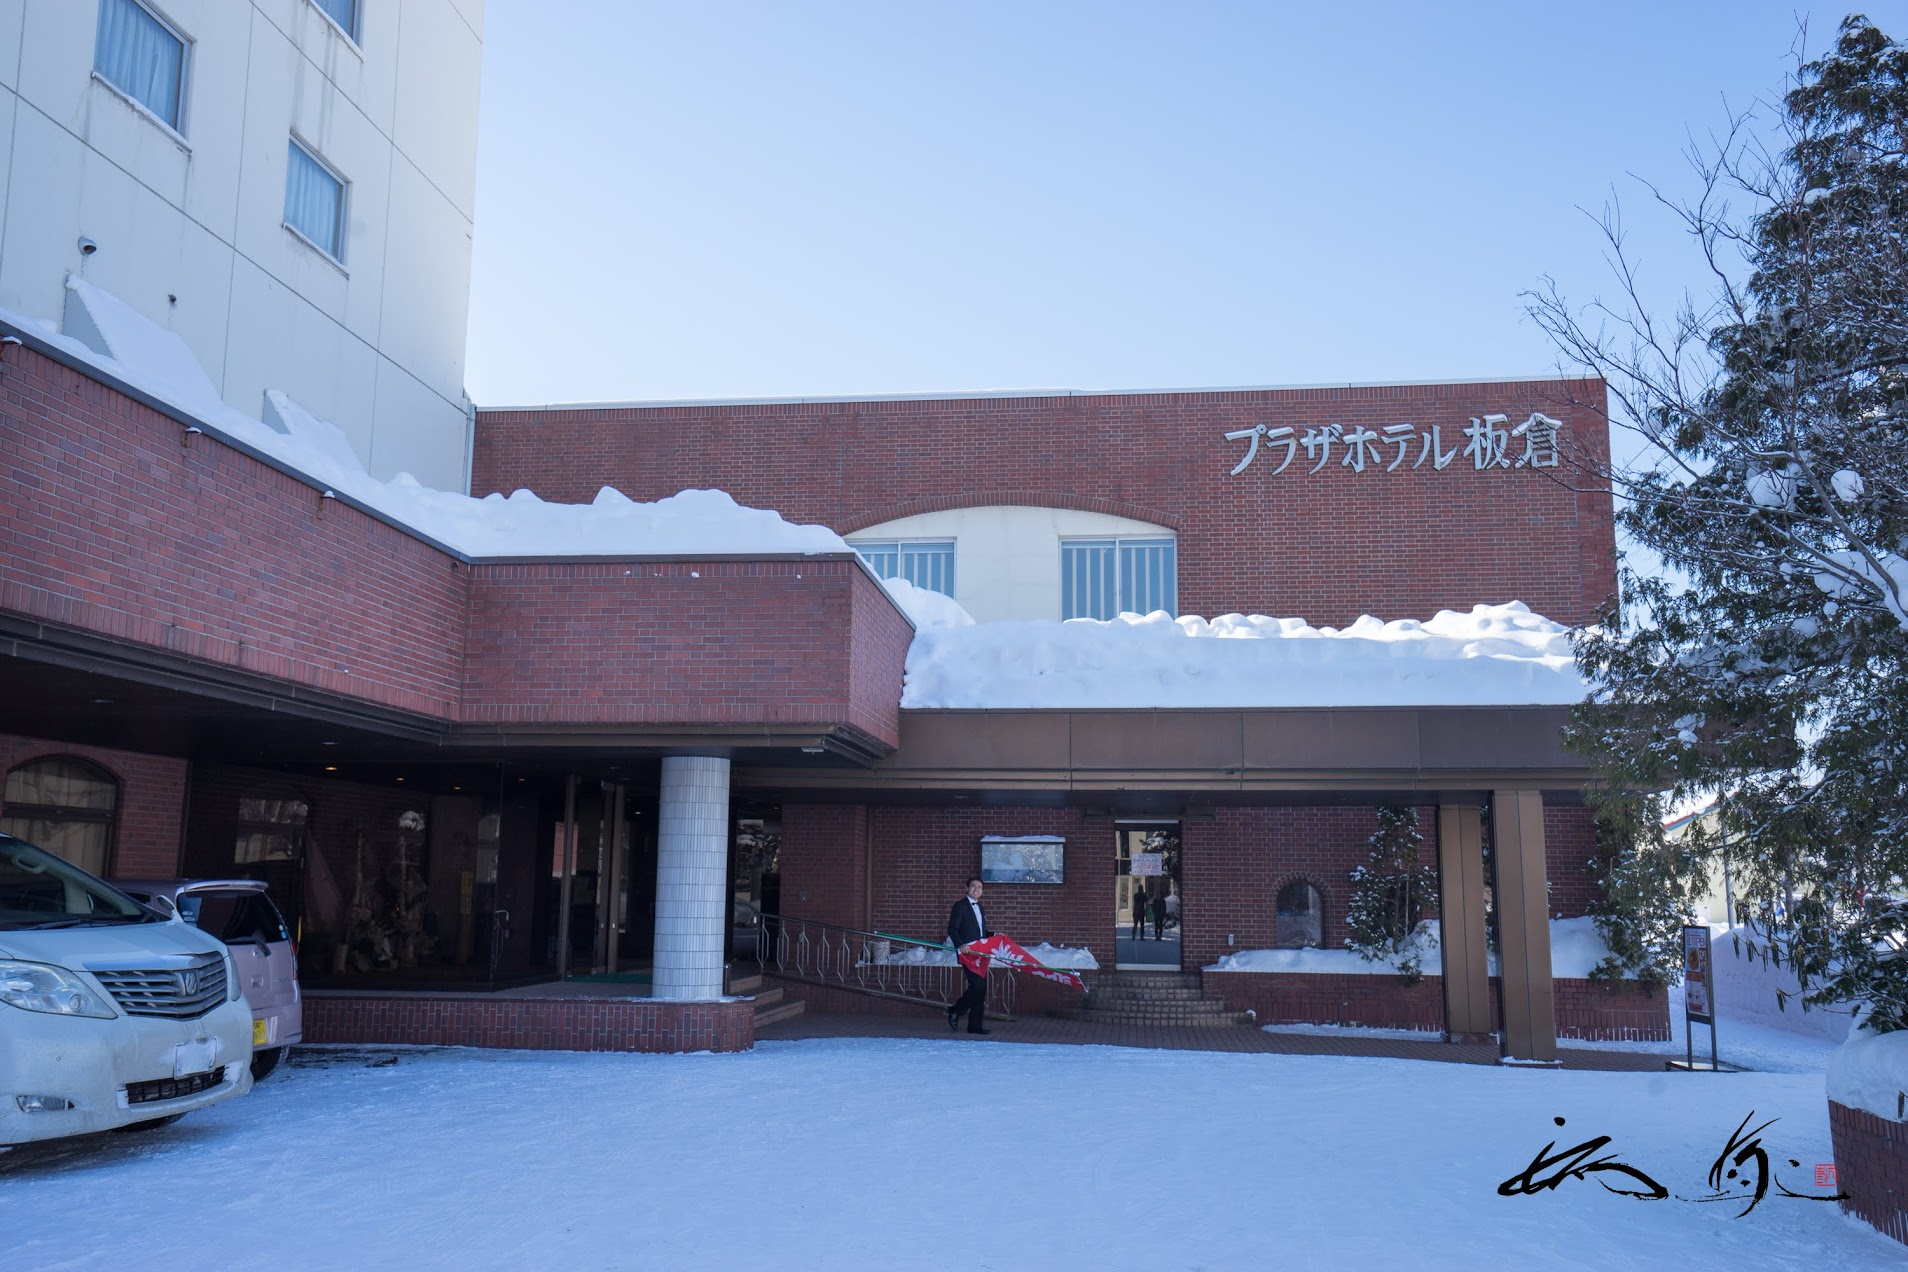 プラザホテル板倉(深川市)